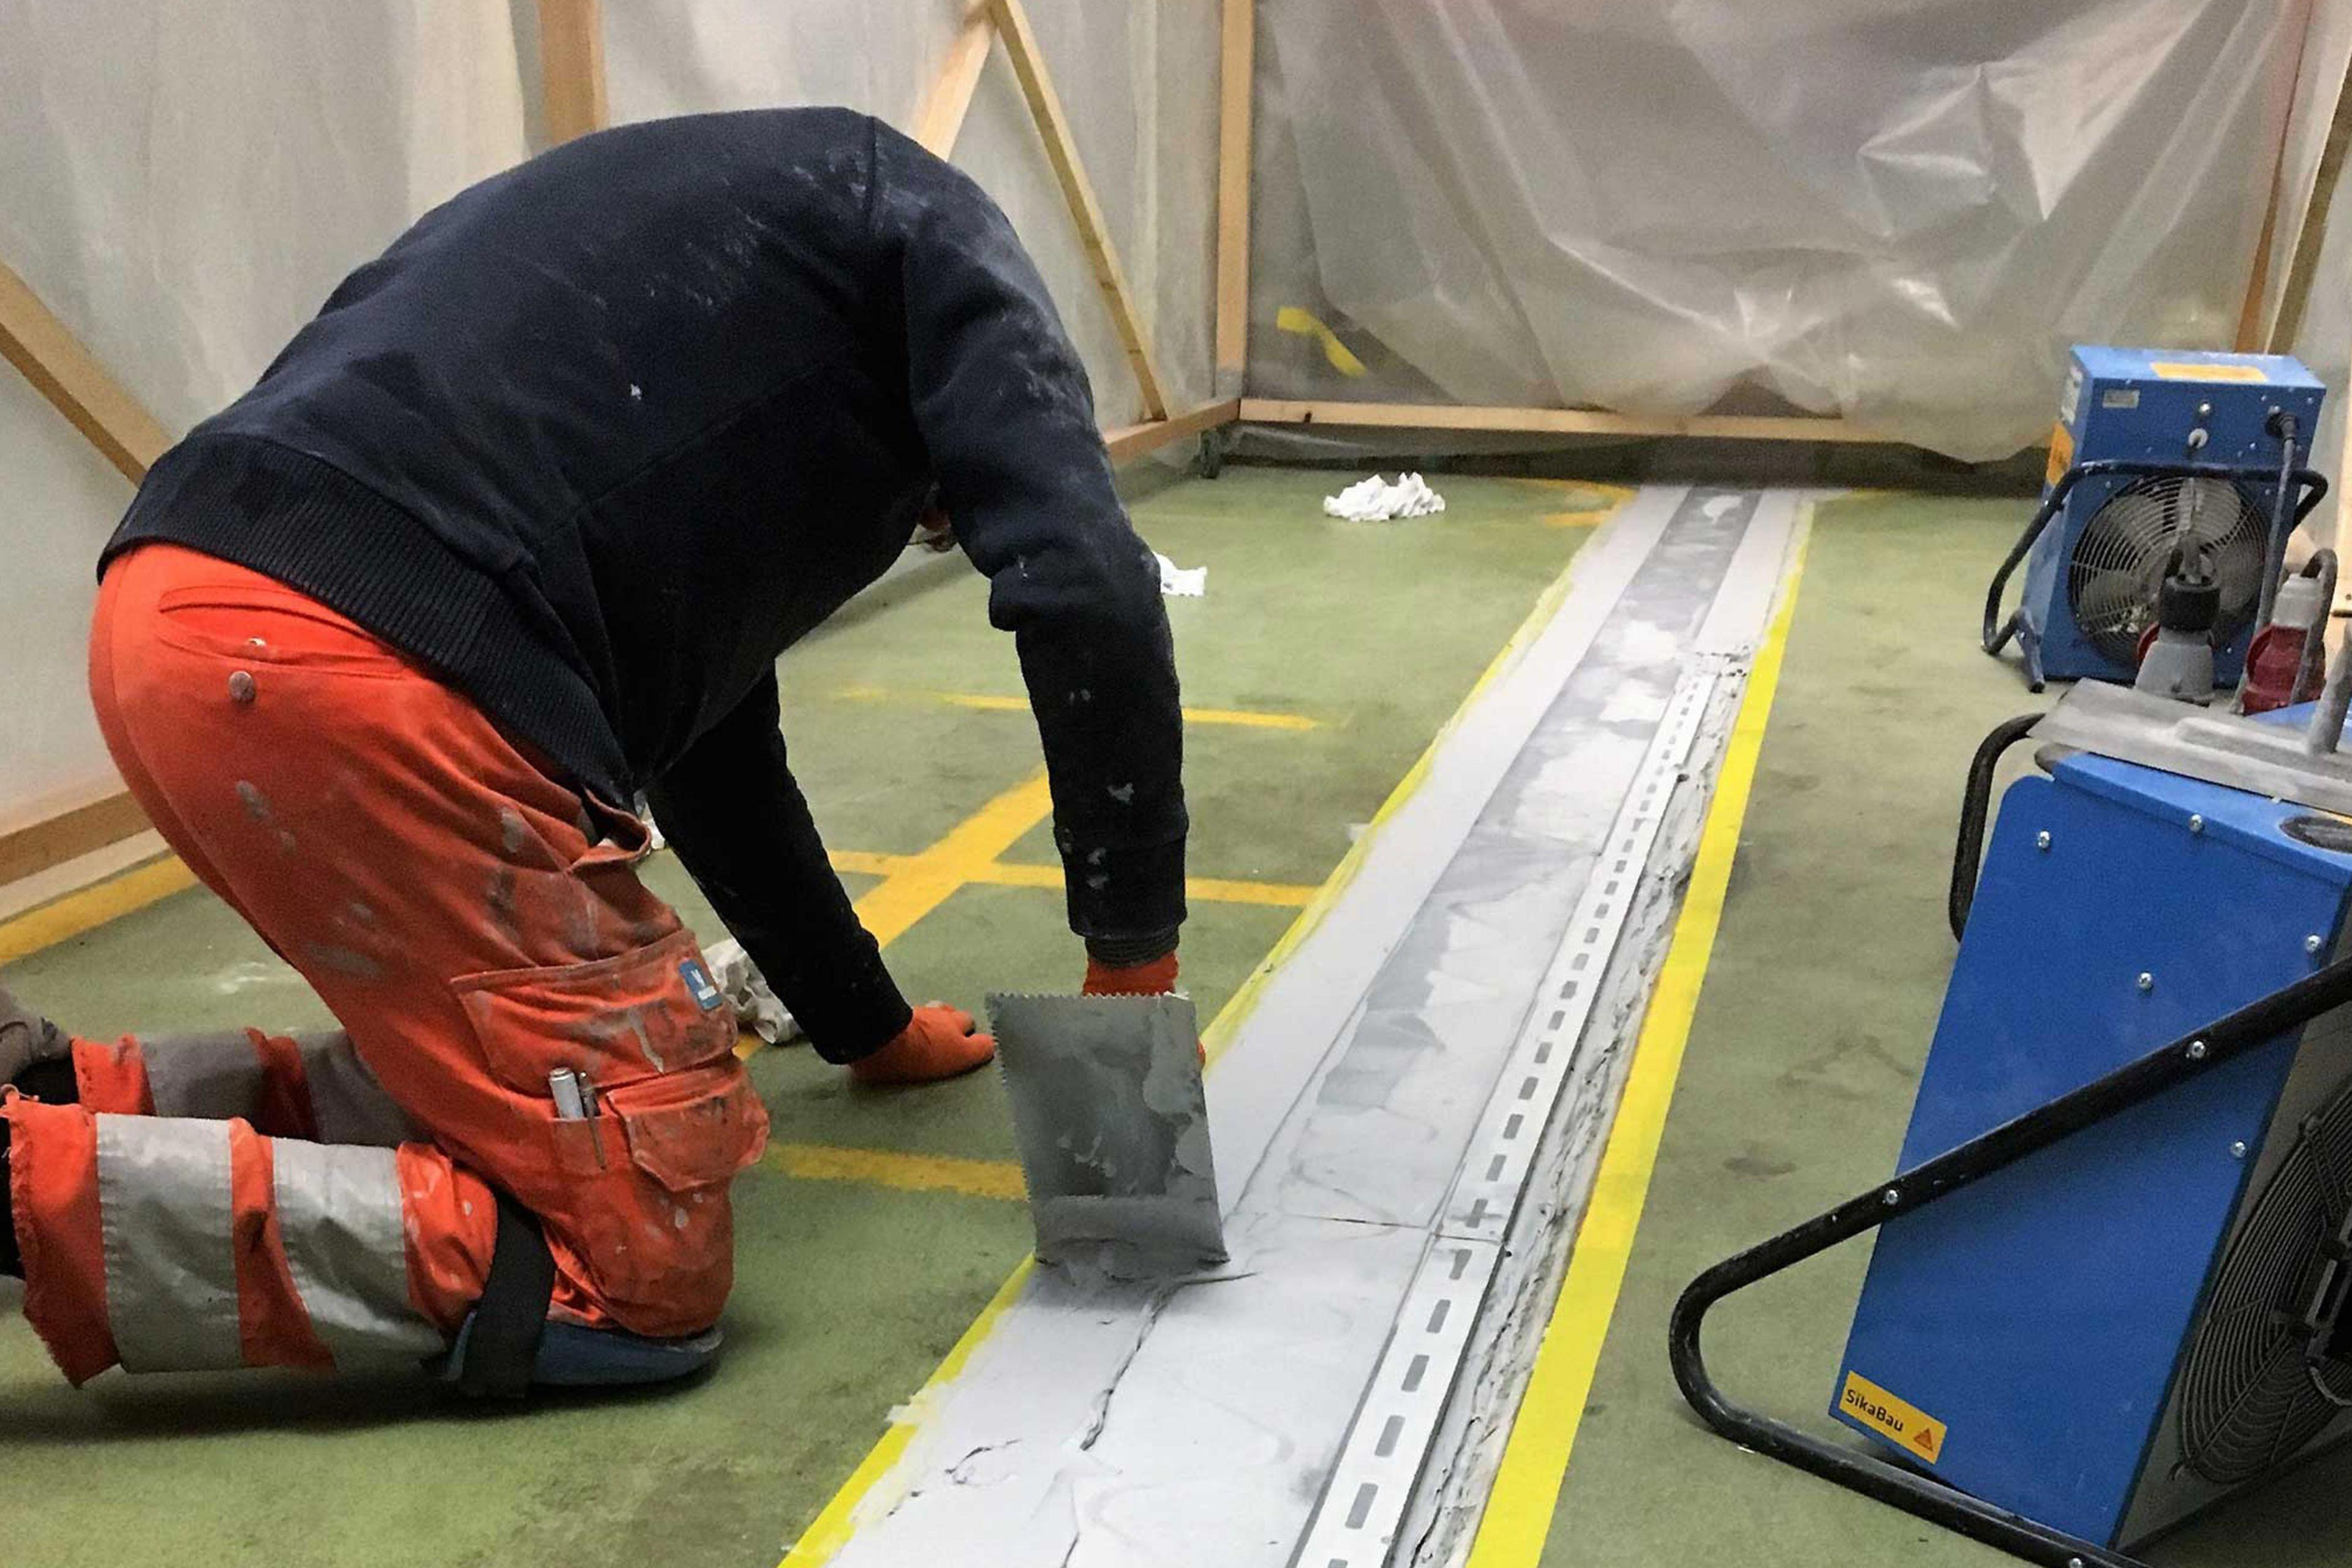 Abdichtung mit Floorjoint Fugenprofil